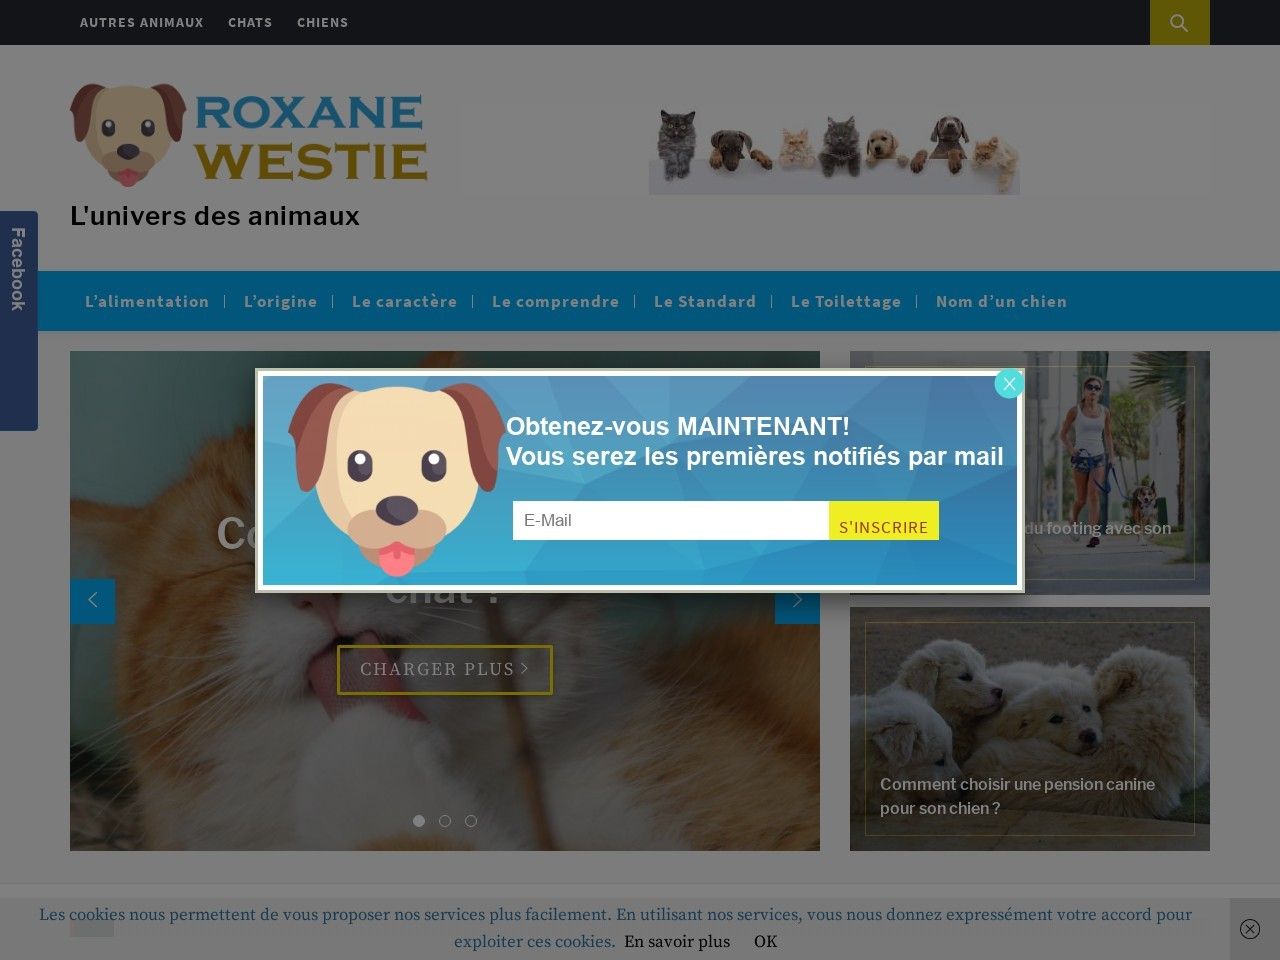 roxane-westie.fr